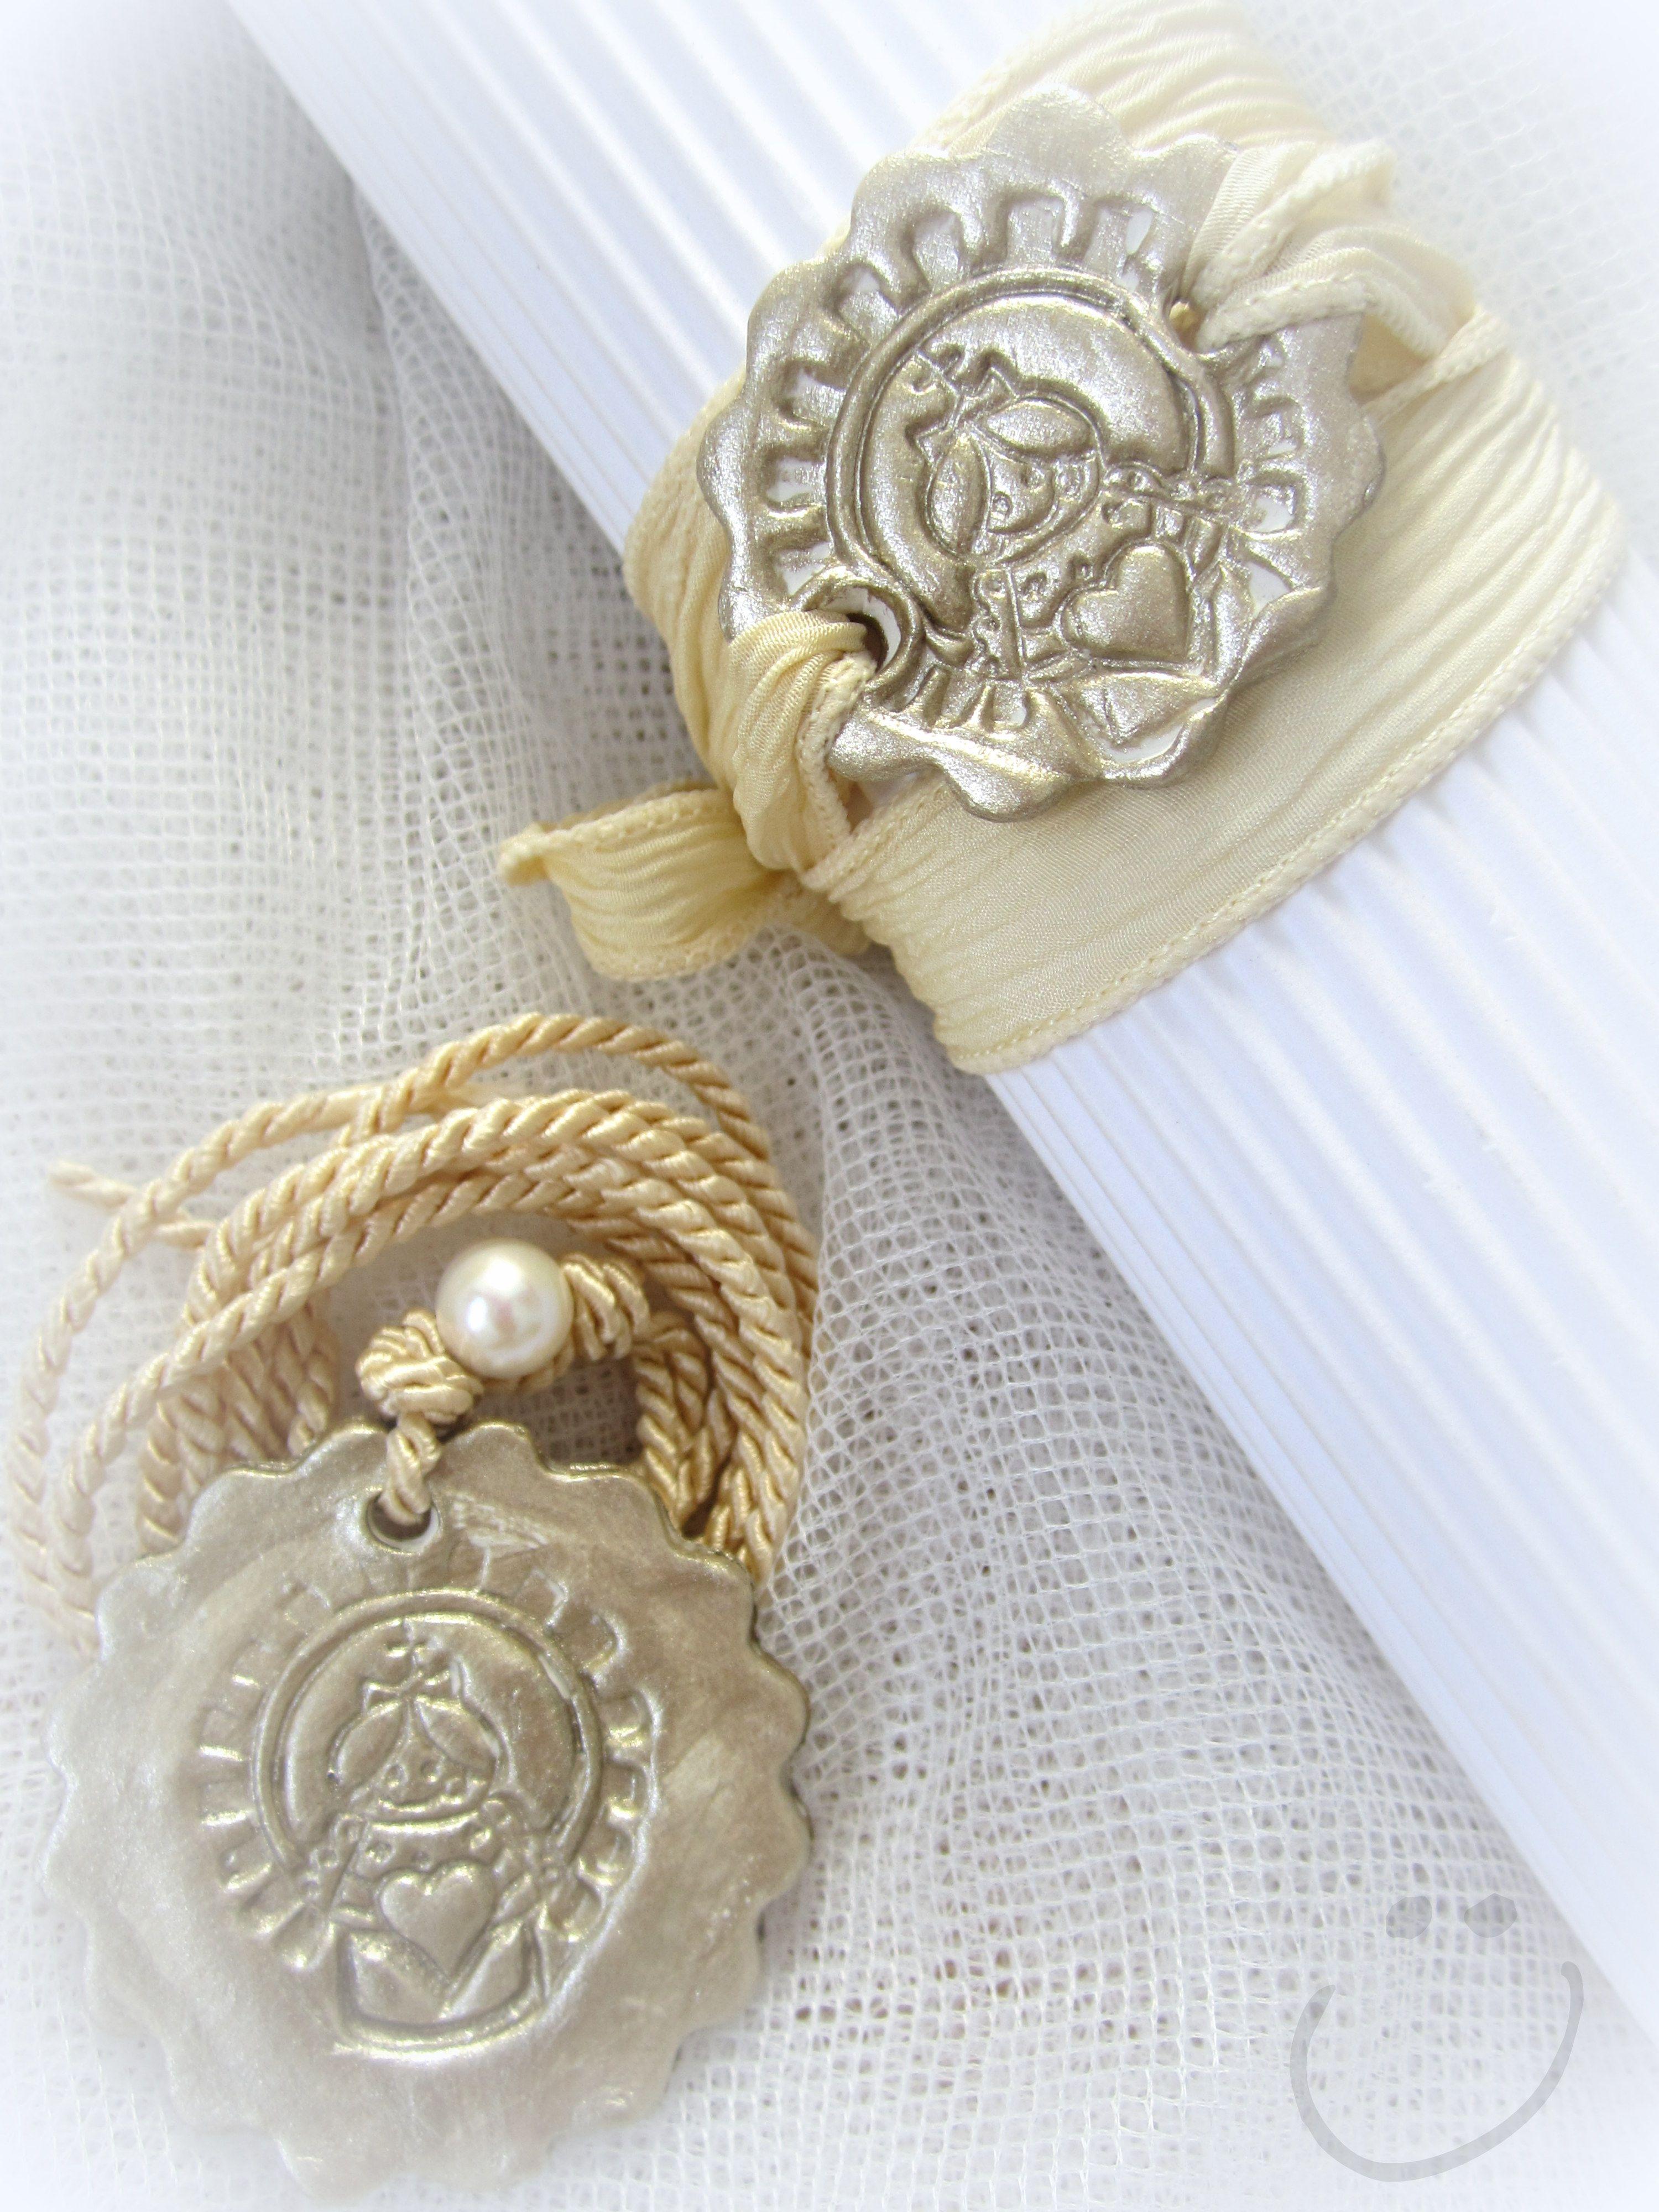 Medallas y pulseras exclusivas.  http://salasguerri.blogspot.com.es/